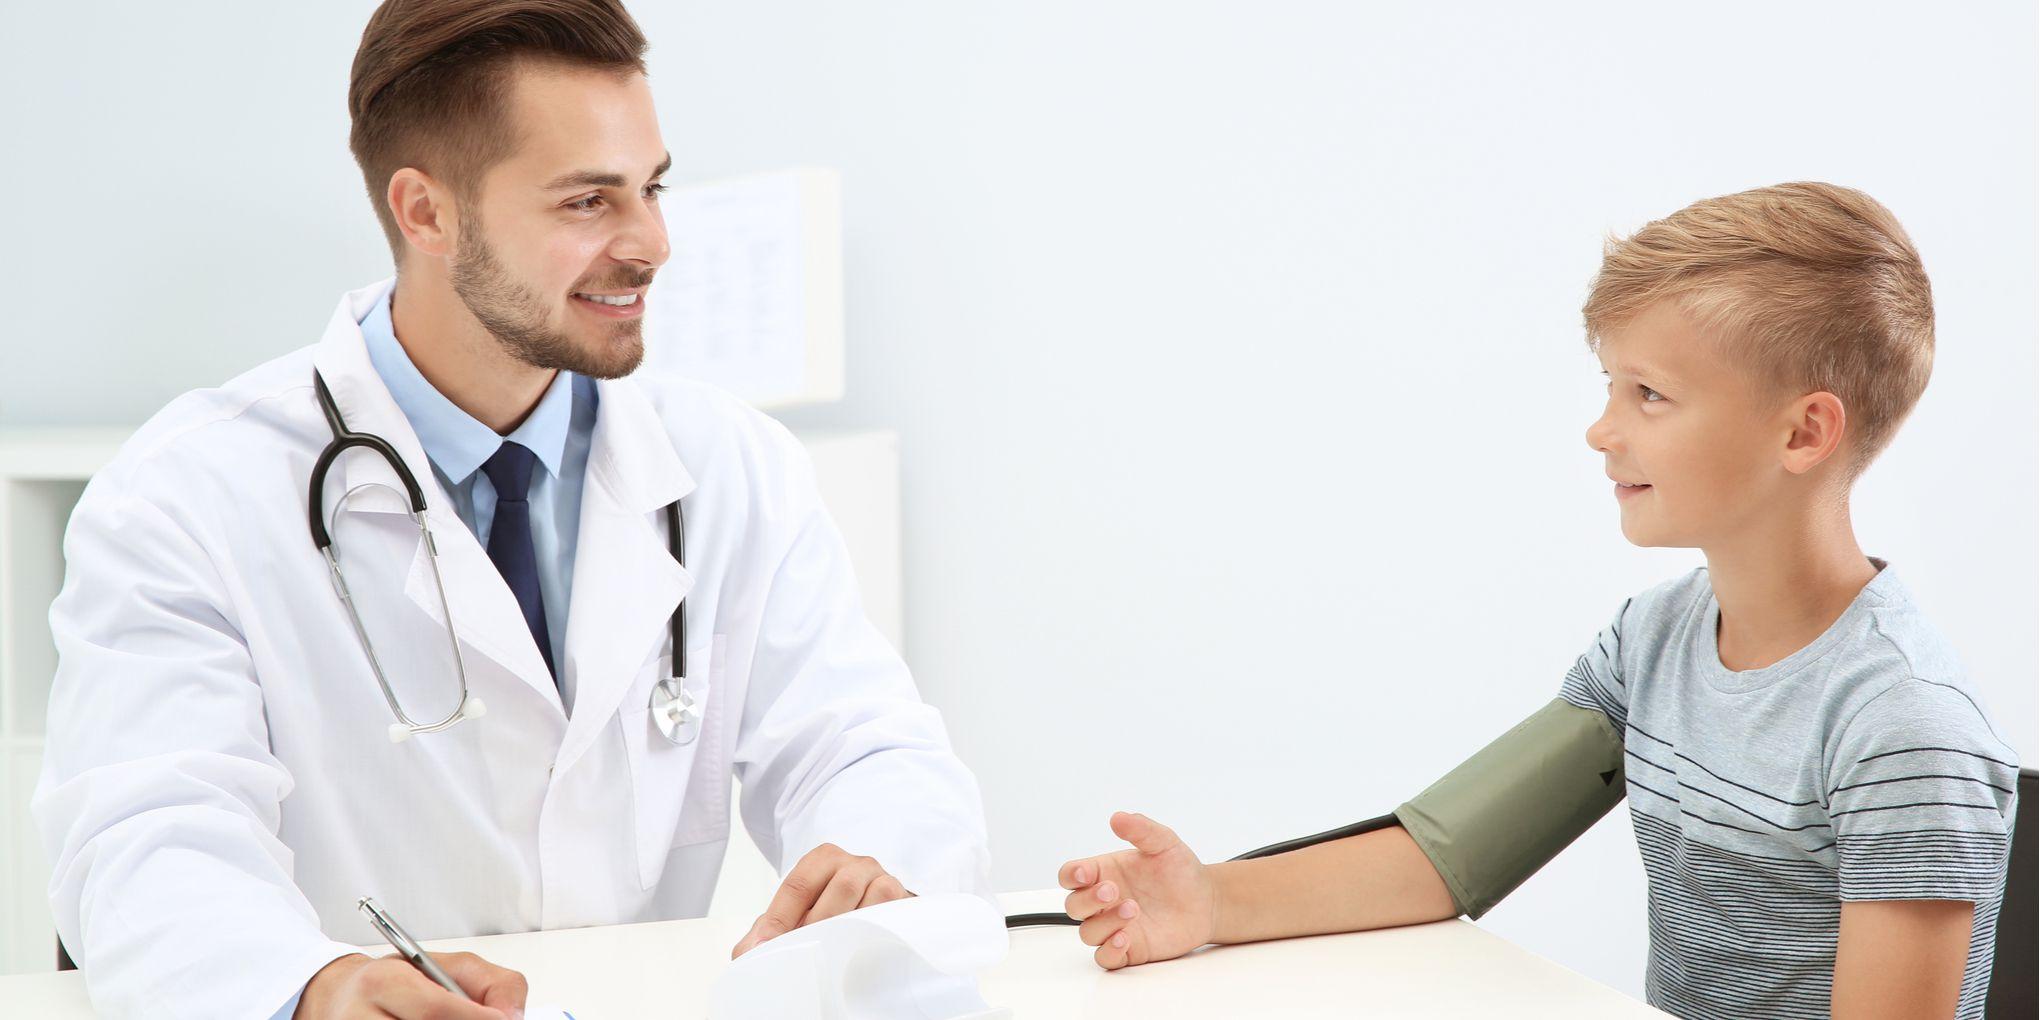 hipertenzija, žučni mjehur u djece